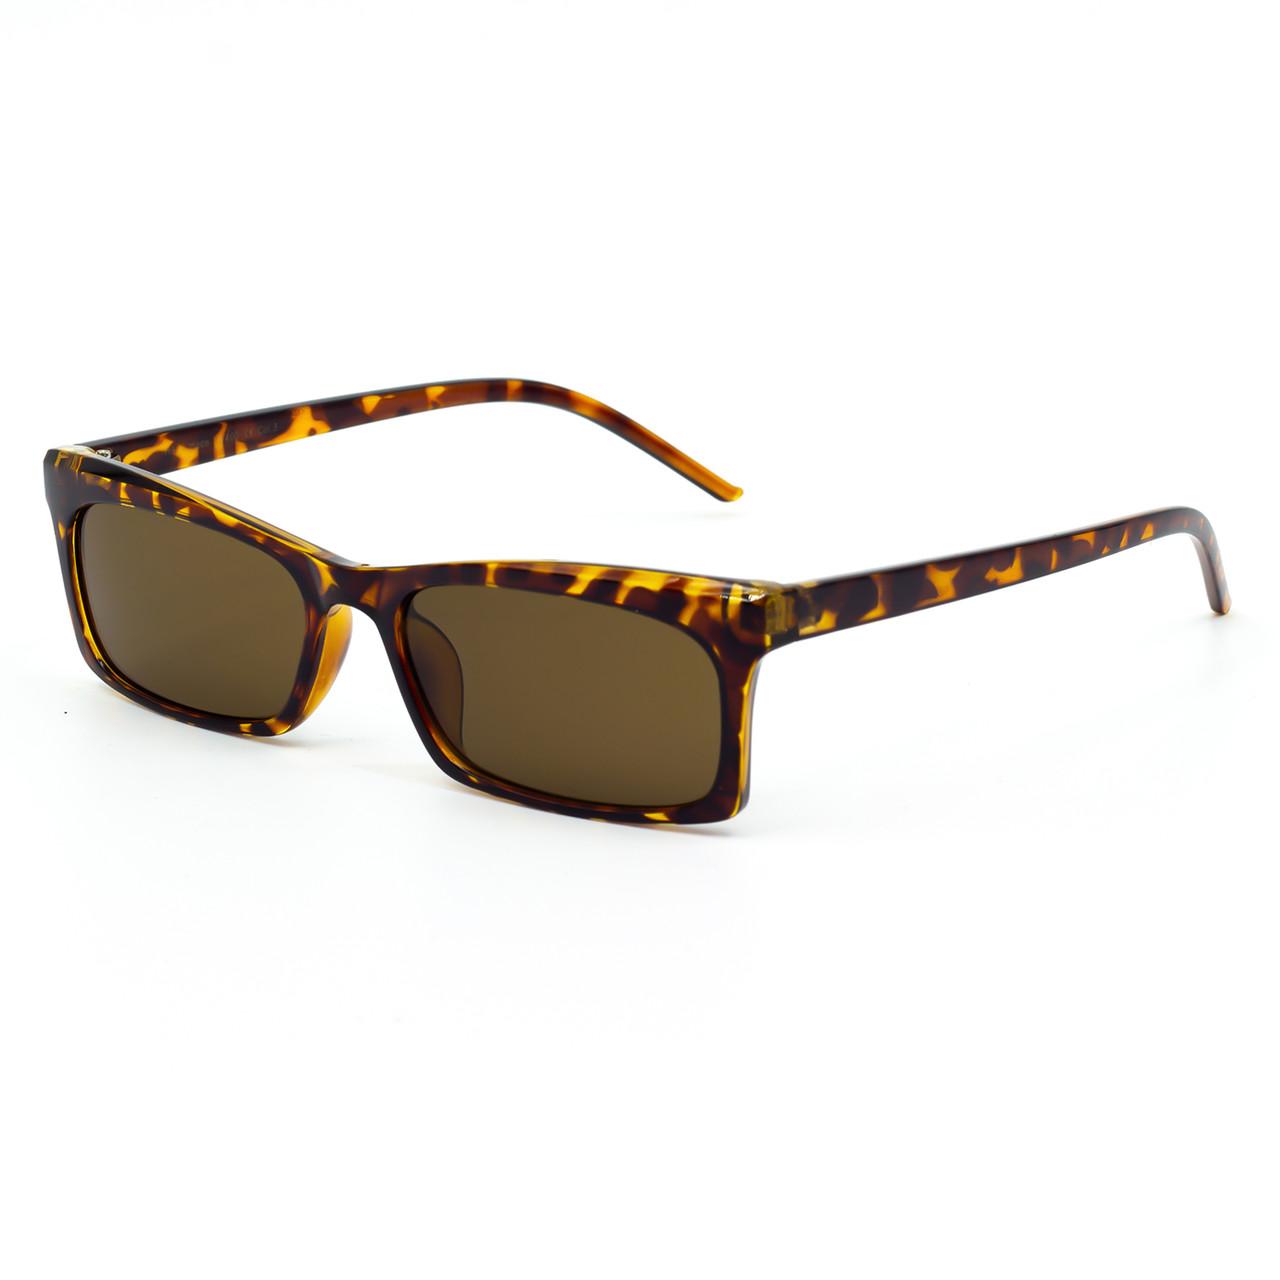 Солнцезащитные очки Marmilen 92138 C13 леопардовые     ( 92138-13 )